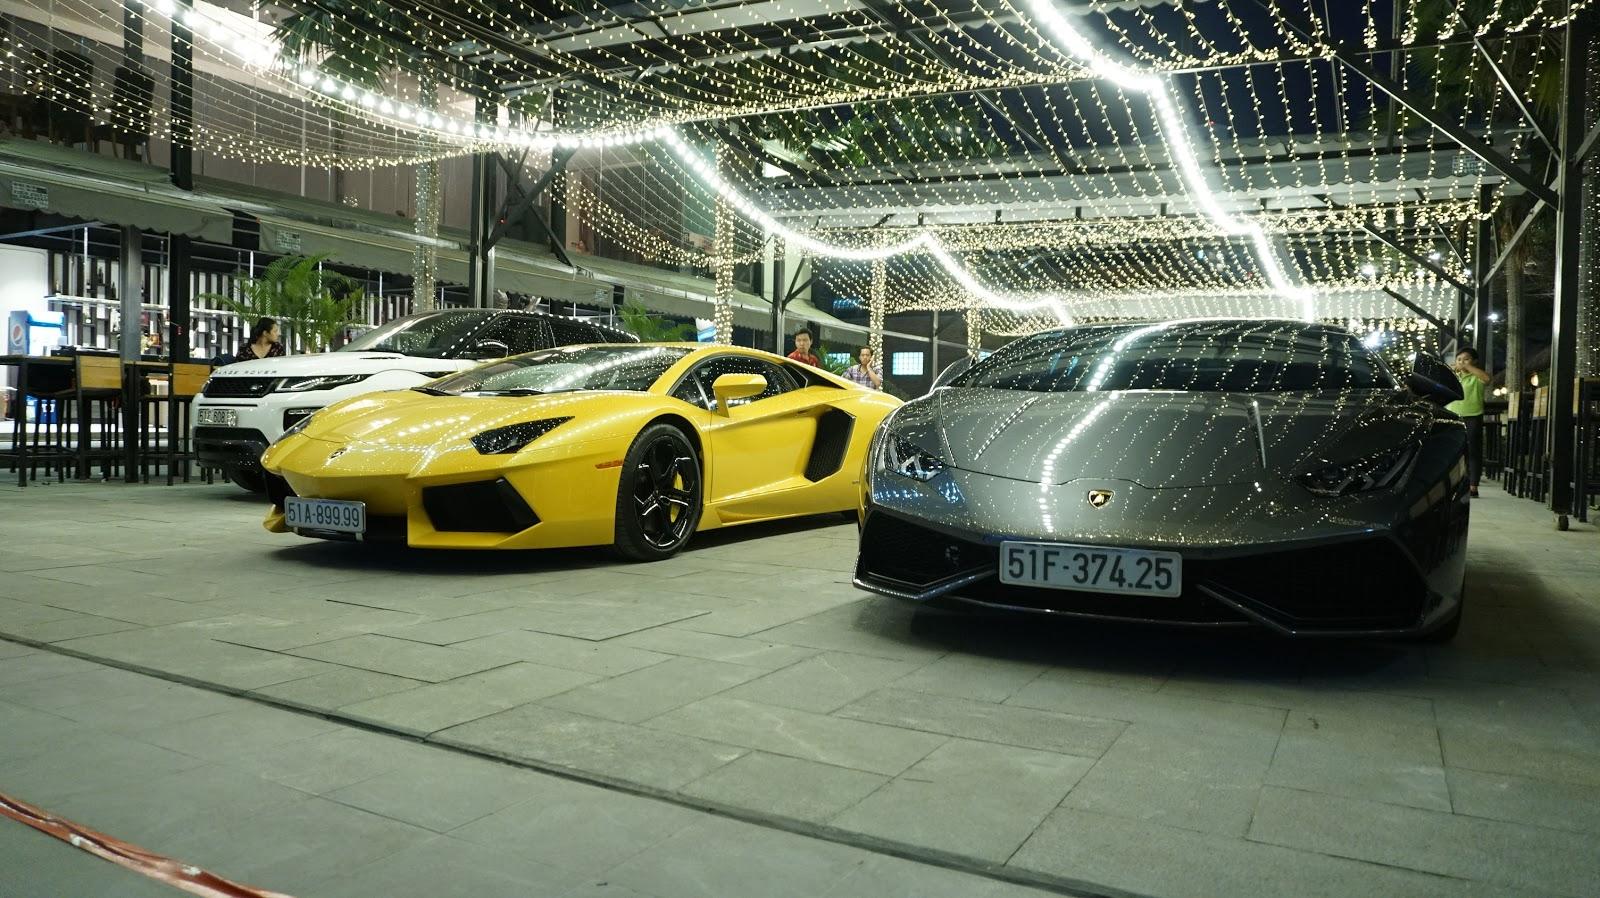 Huracan, Aventador, R8...và cả Land Rover đến chúc mừng chủ xe Lamborghini Aventador LP700-4